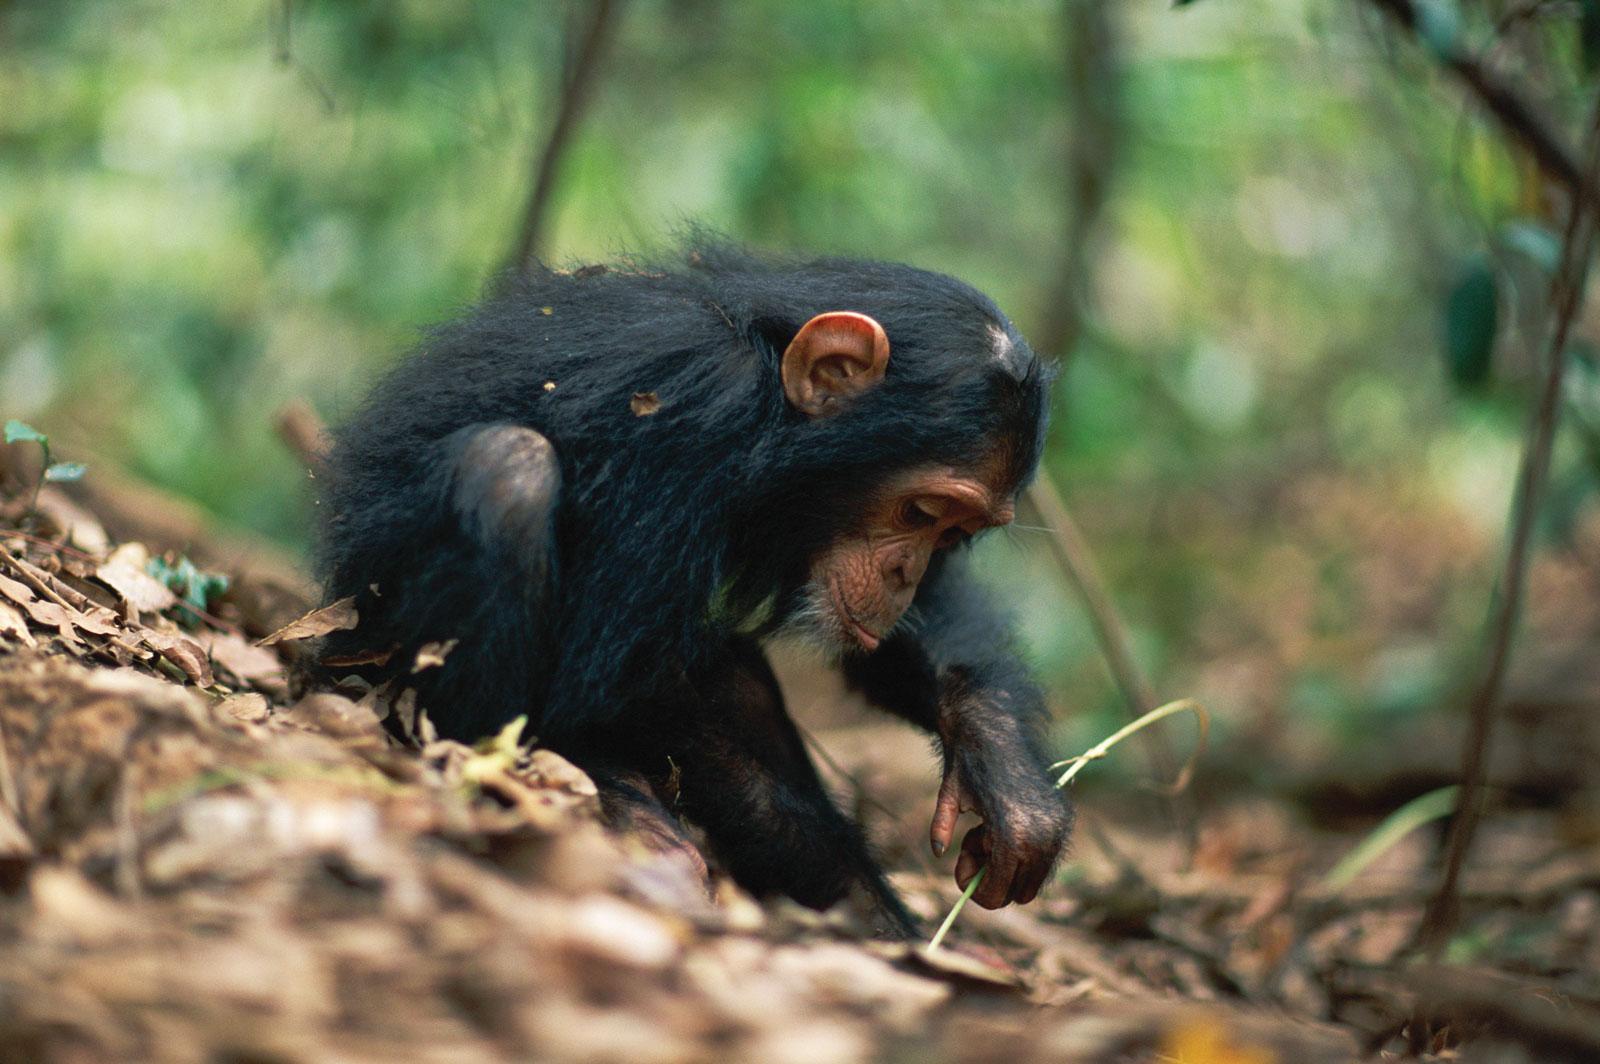 http://2.bp.blogspot.com/-CJyWKvLfAcw/Tm-nq6ZBMNI/AAAAAAAAAGA/xEl0zV75QuA/s1600/chimpanzee-4-767601.jpg